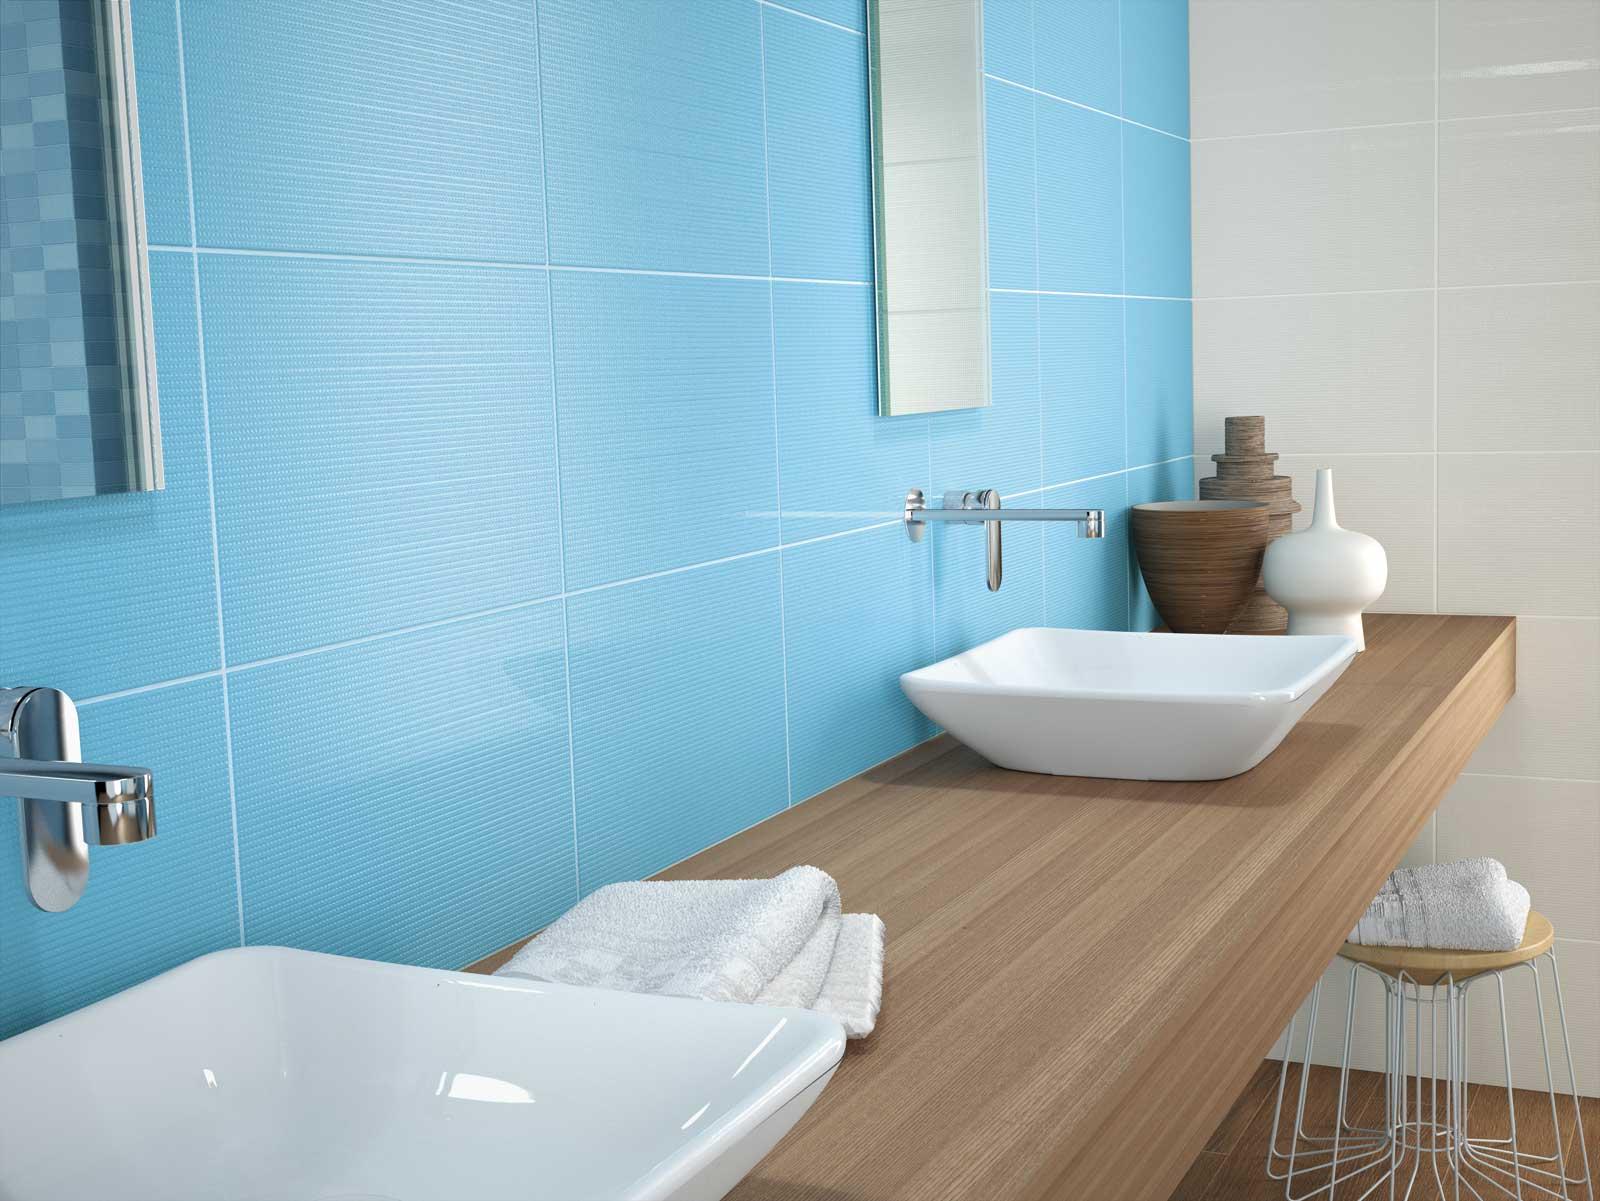 Famoso Forum Arredamento.it •consiglio per rivestimento bagno. TA01